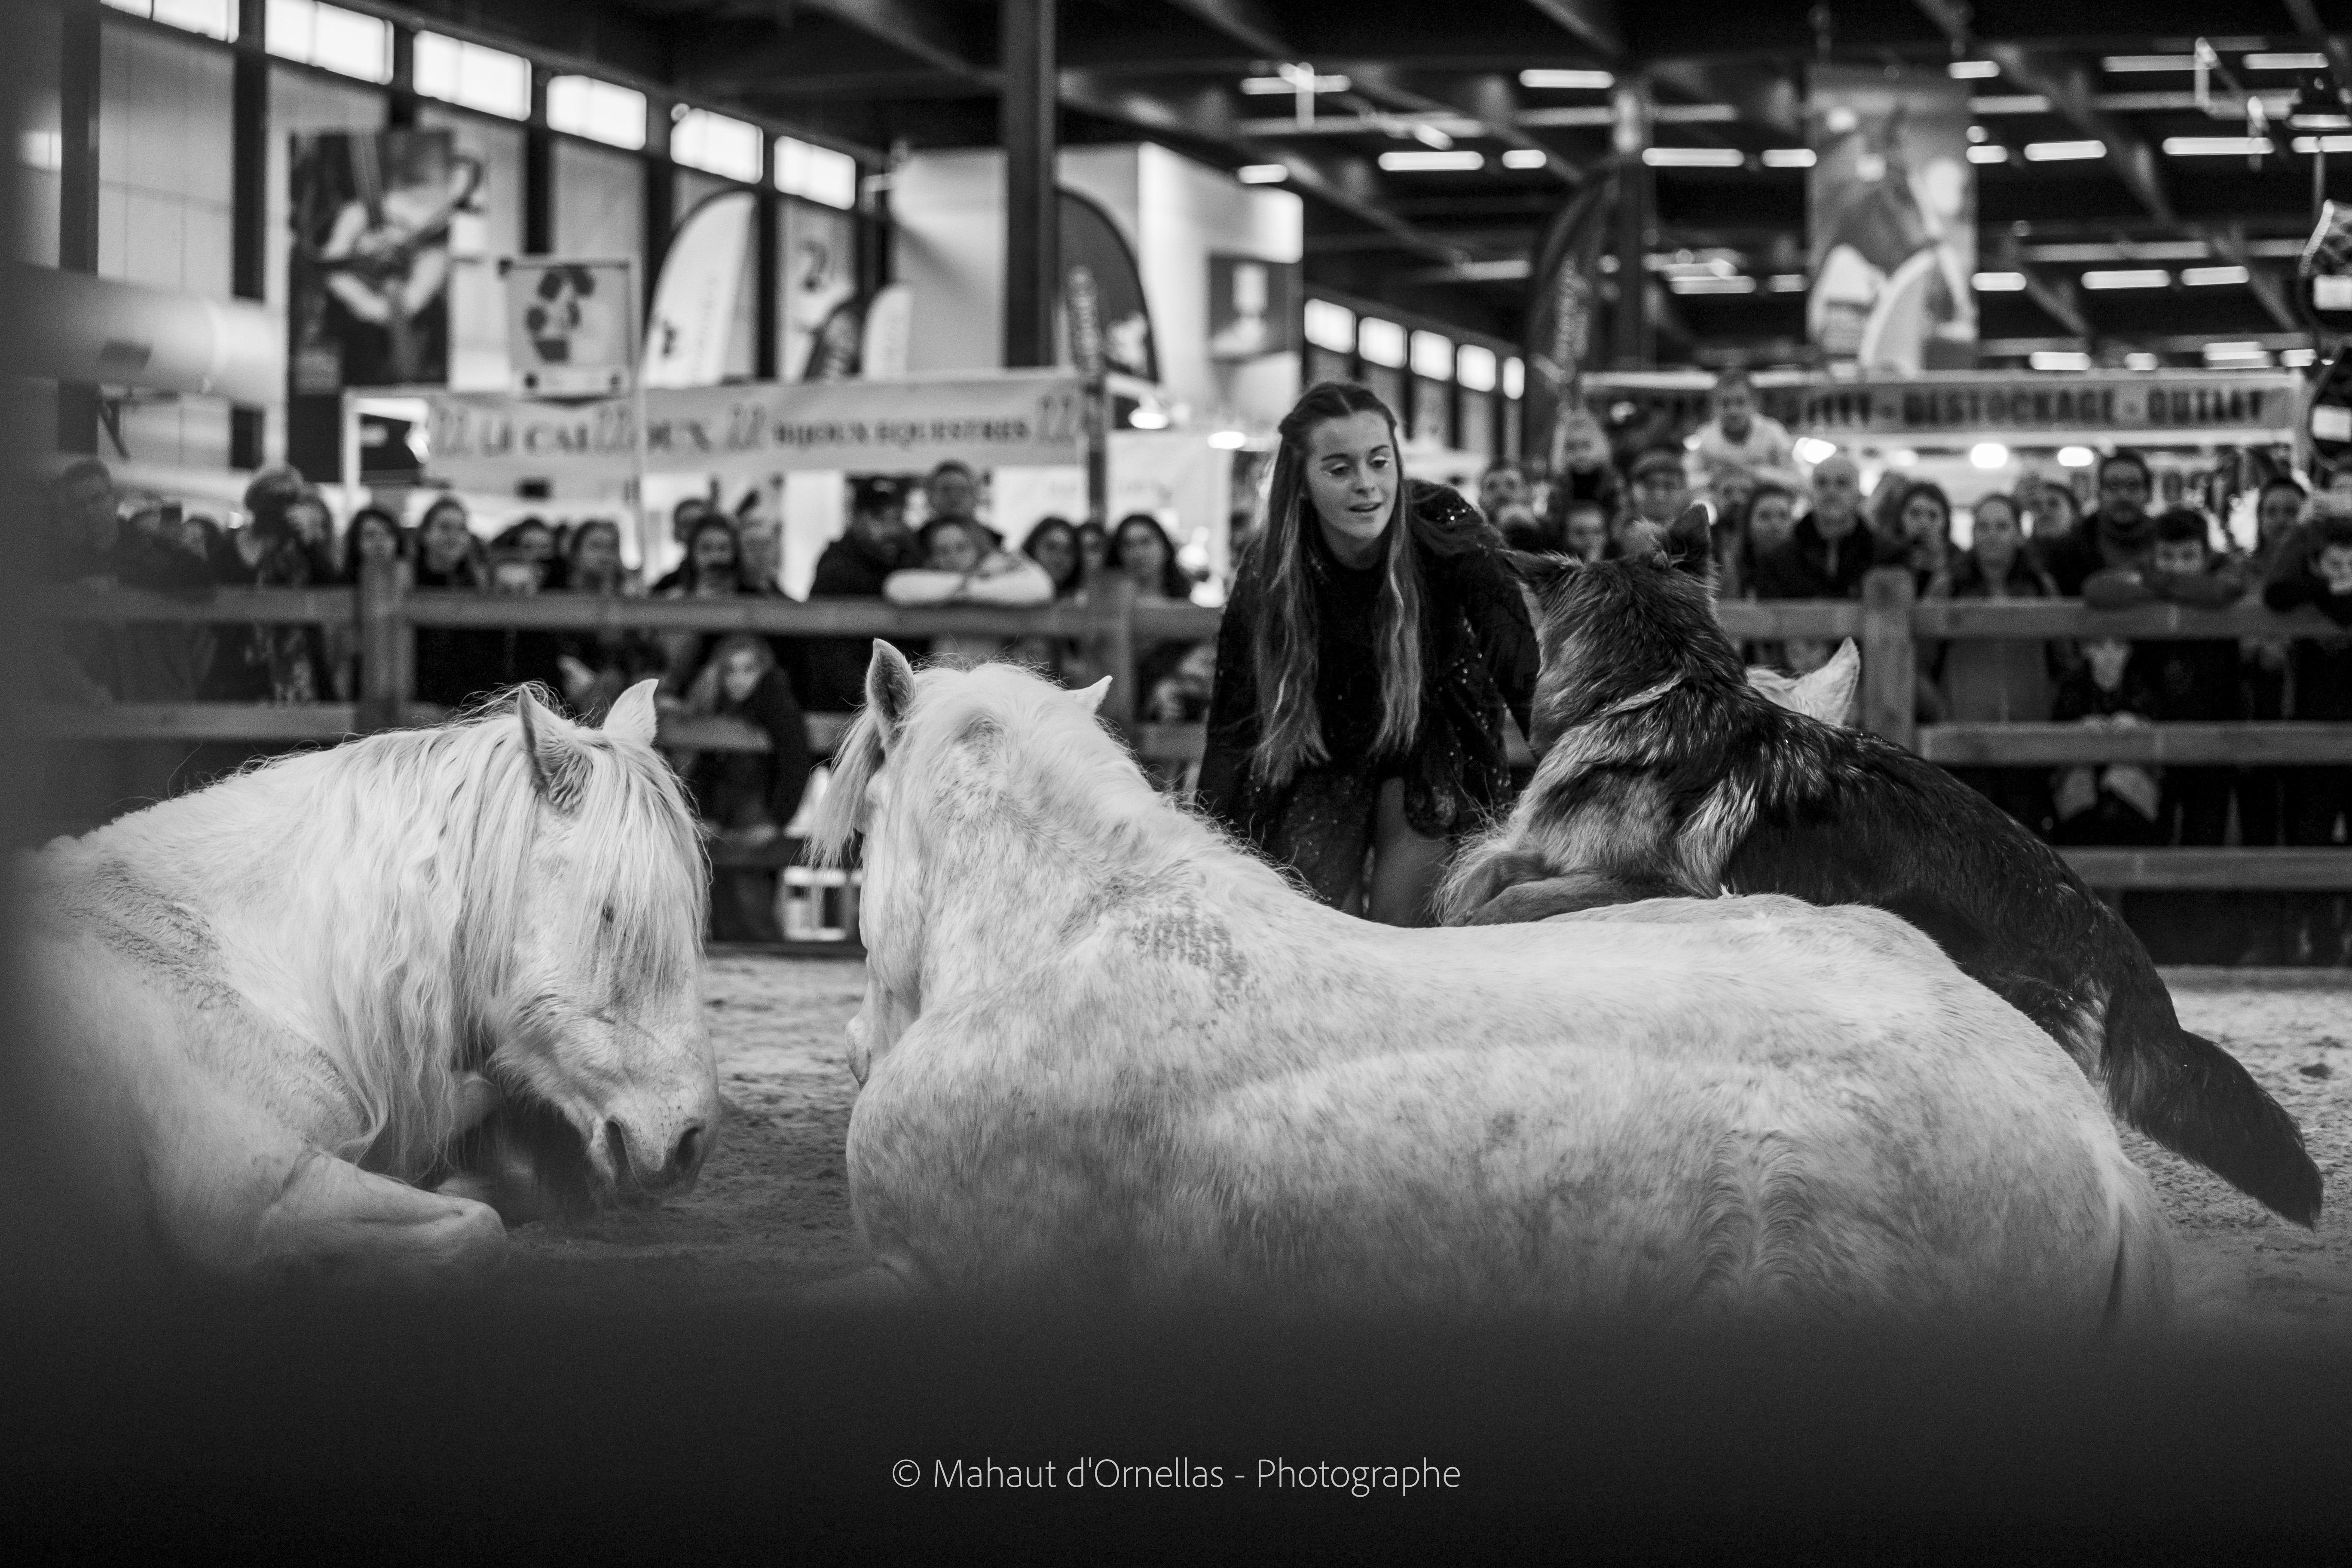 entrainement poneys